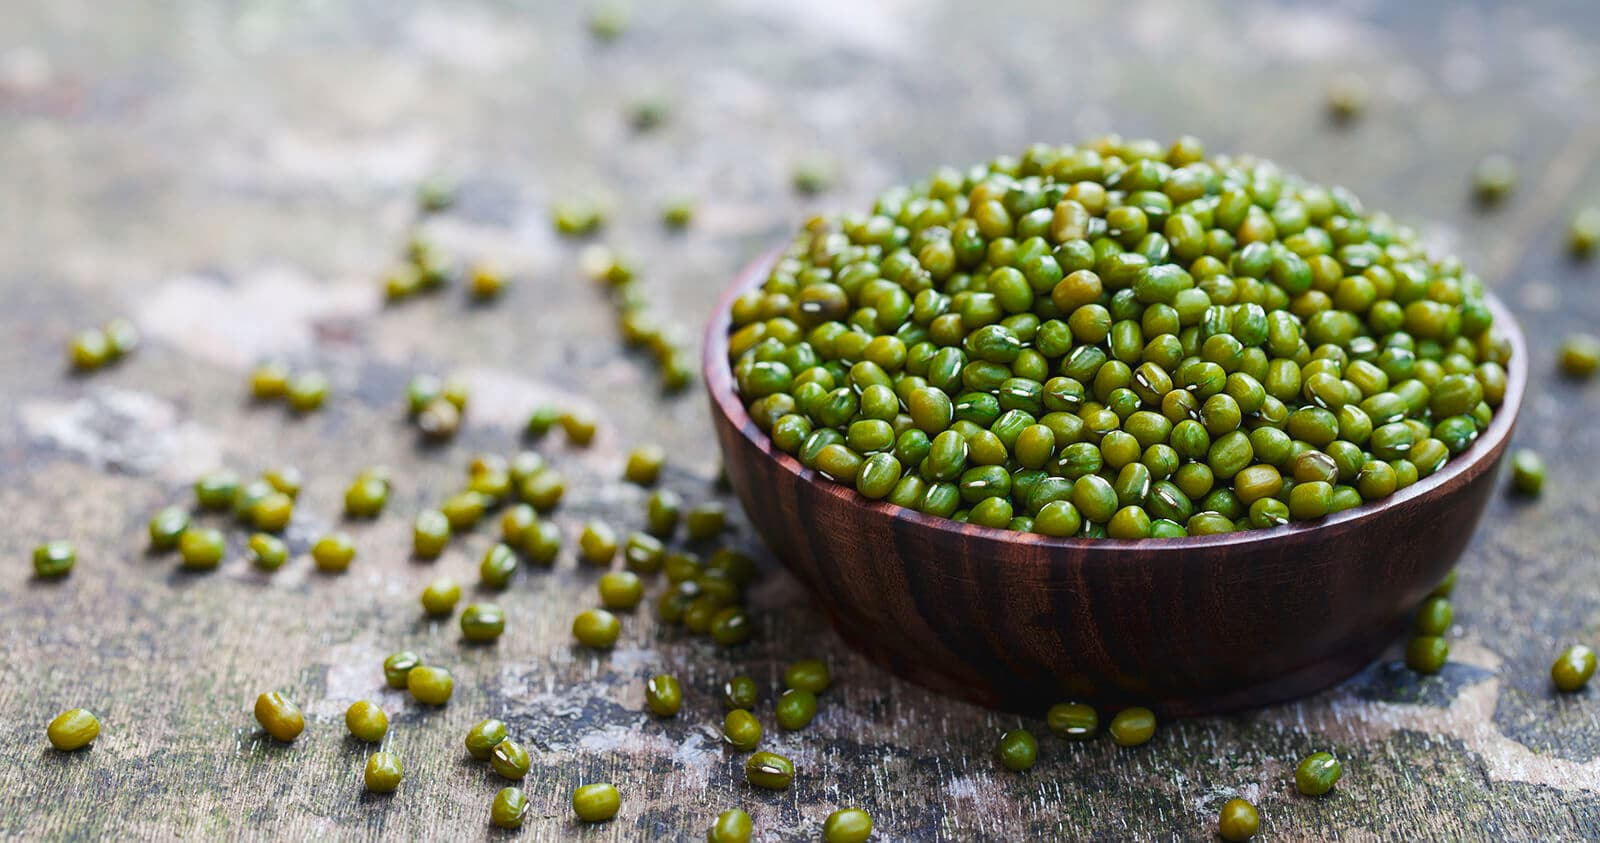 Mangkuk hitam berisi banyak kacang hijau dan dikeliling kacang yang berserakan